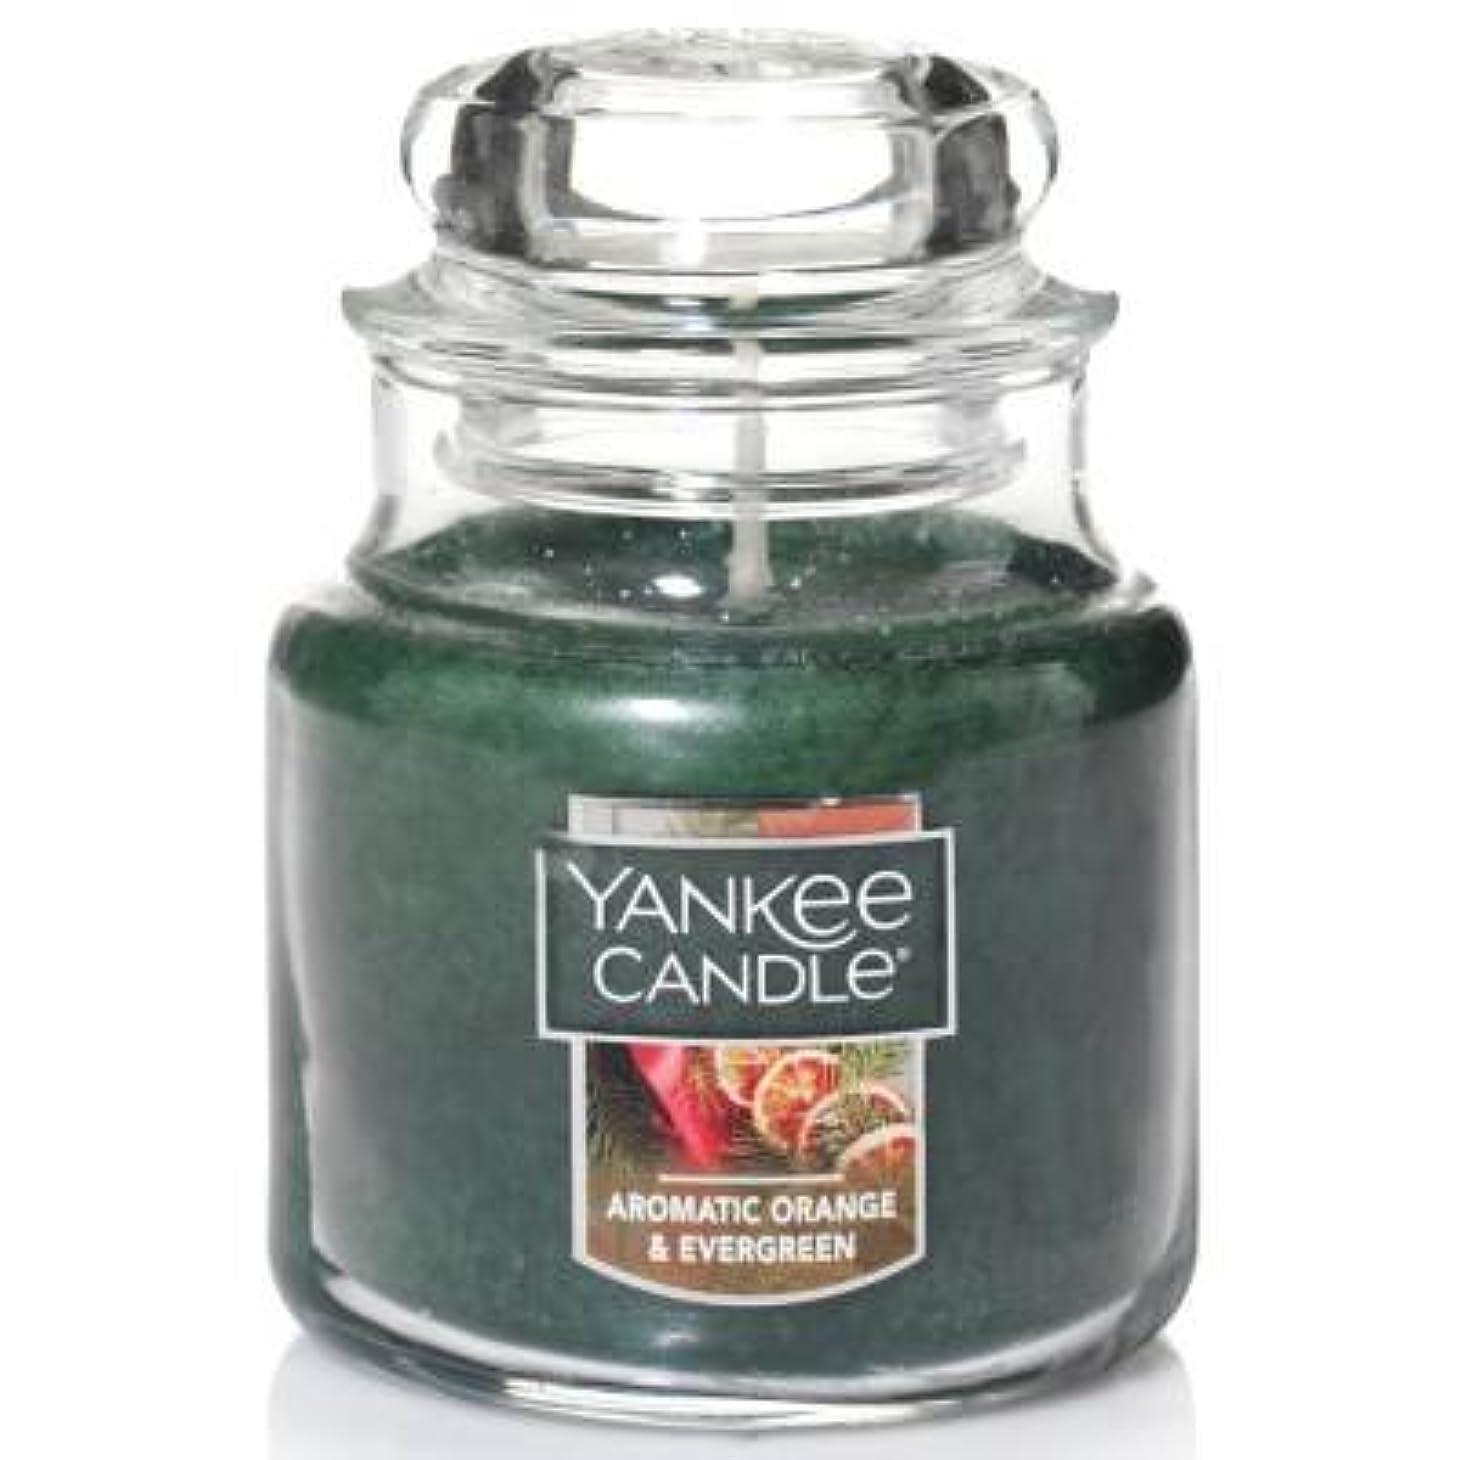 気質ベイビー添加Yankee Candle Aromaticオレンジ& Evergreen Small Jar Candle